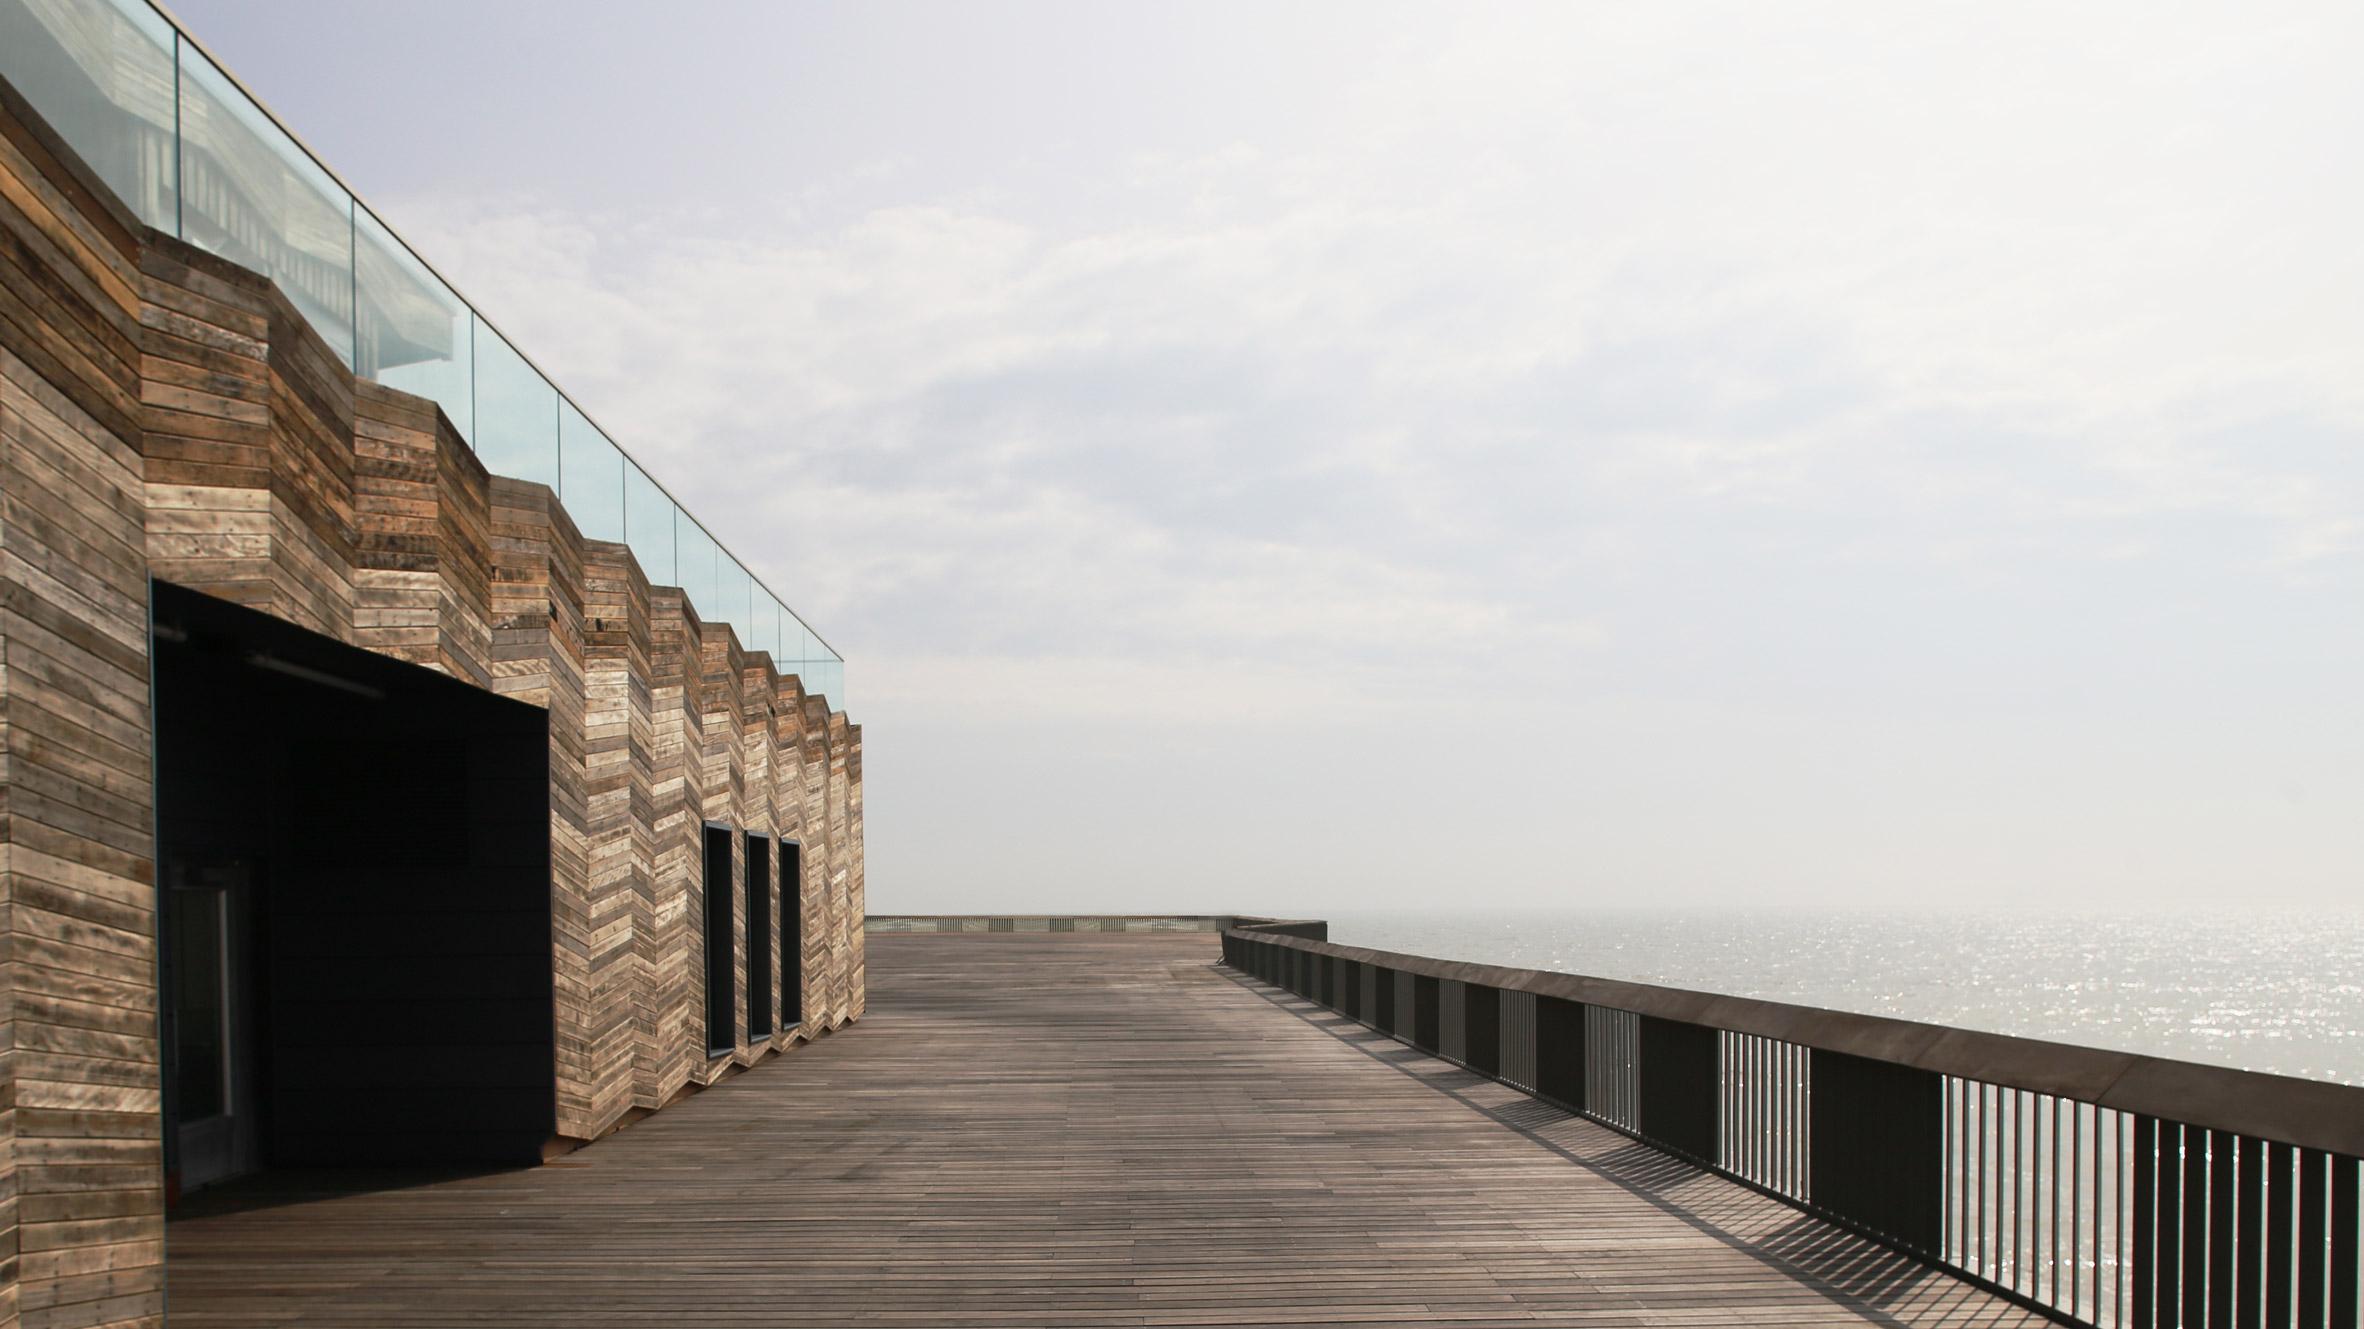 British seaside pier gets 21st century update by dRMM